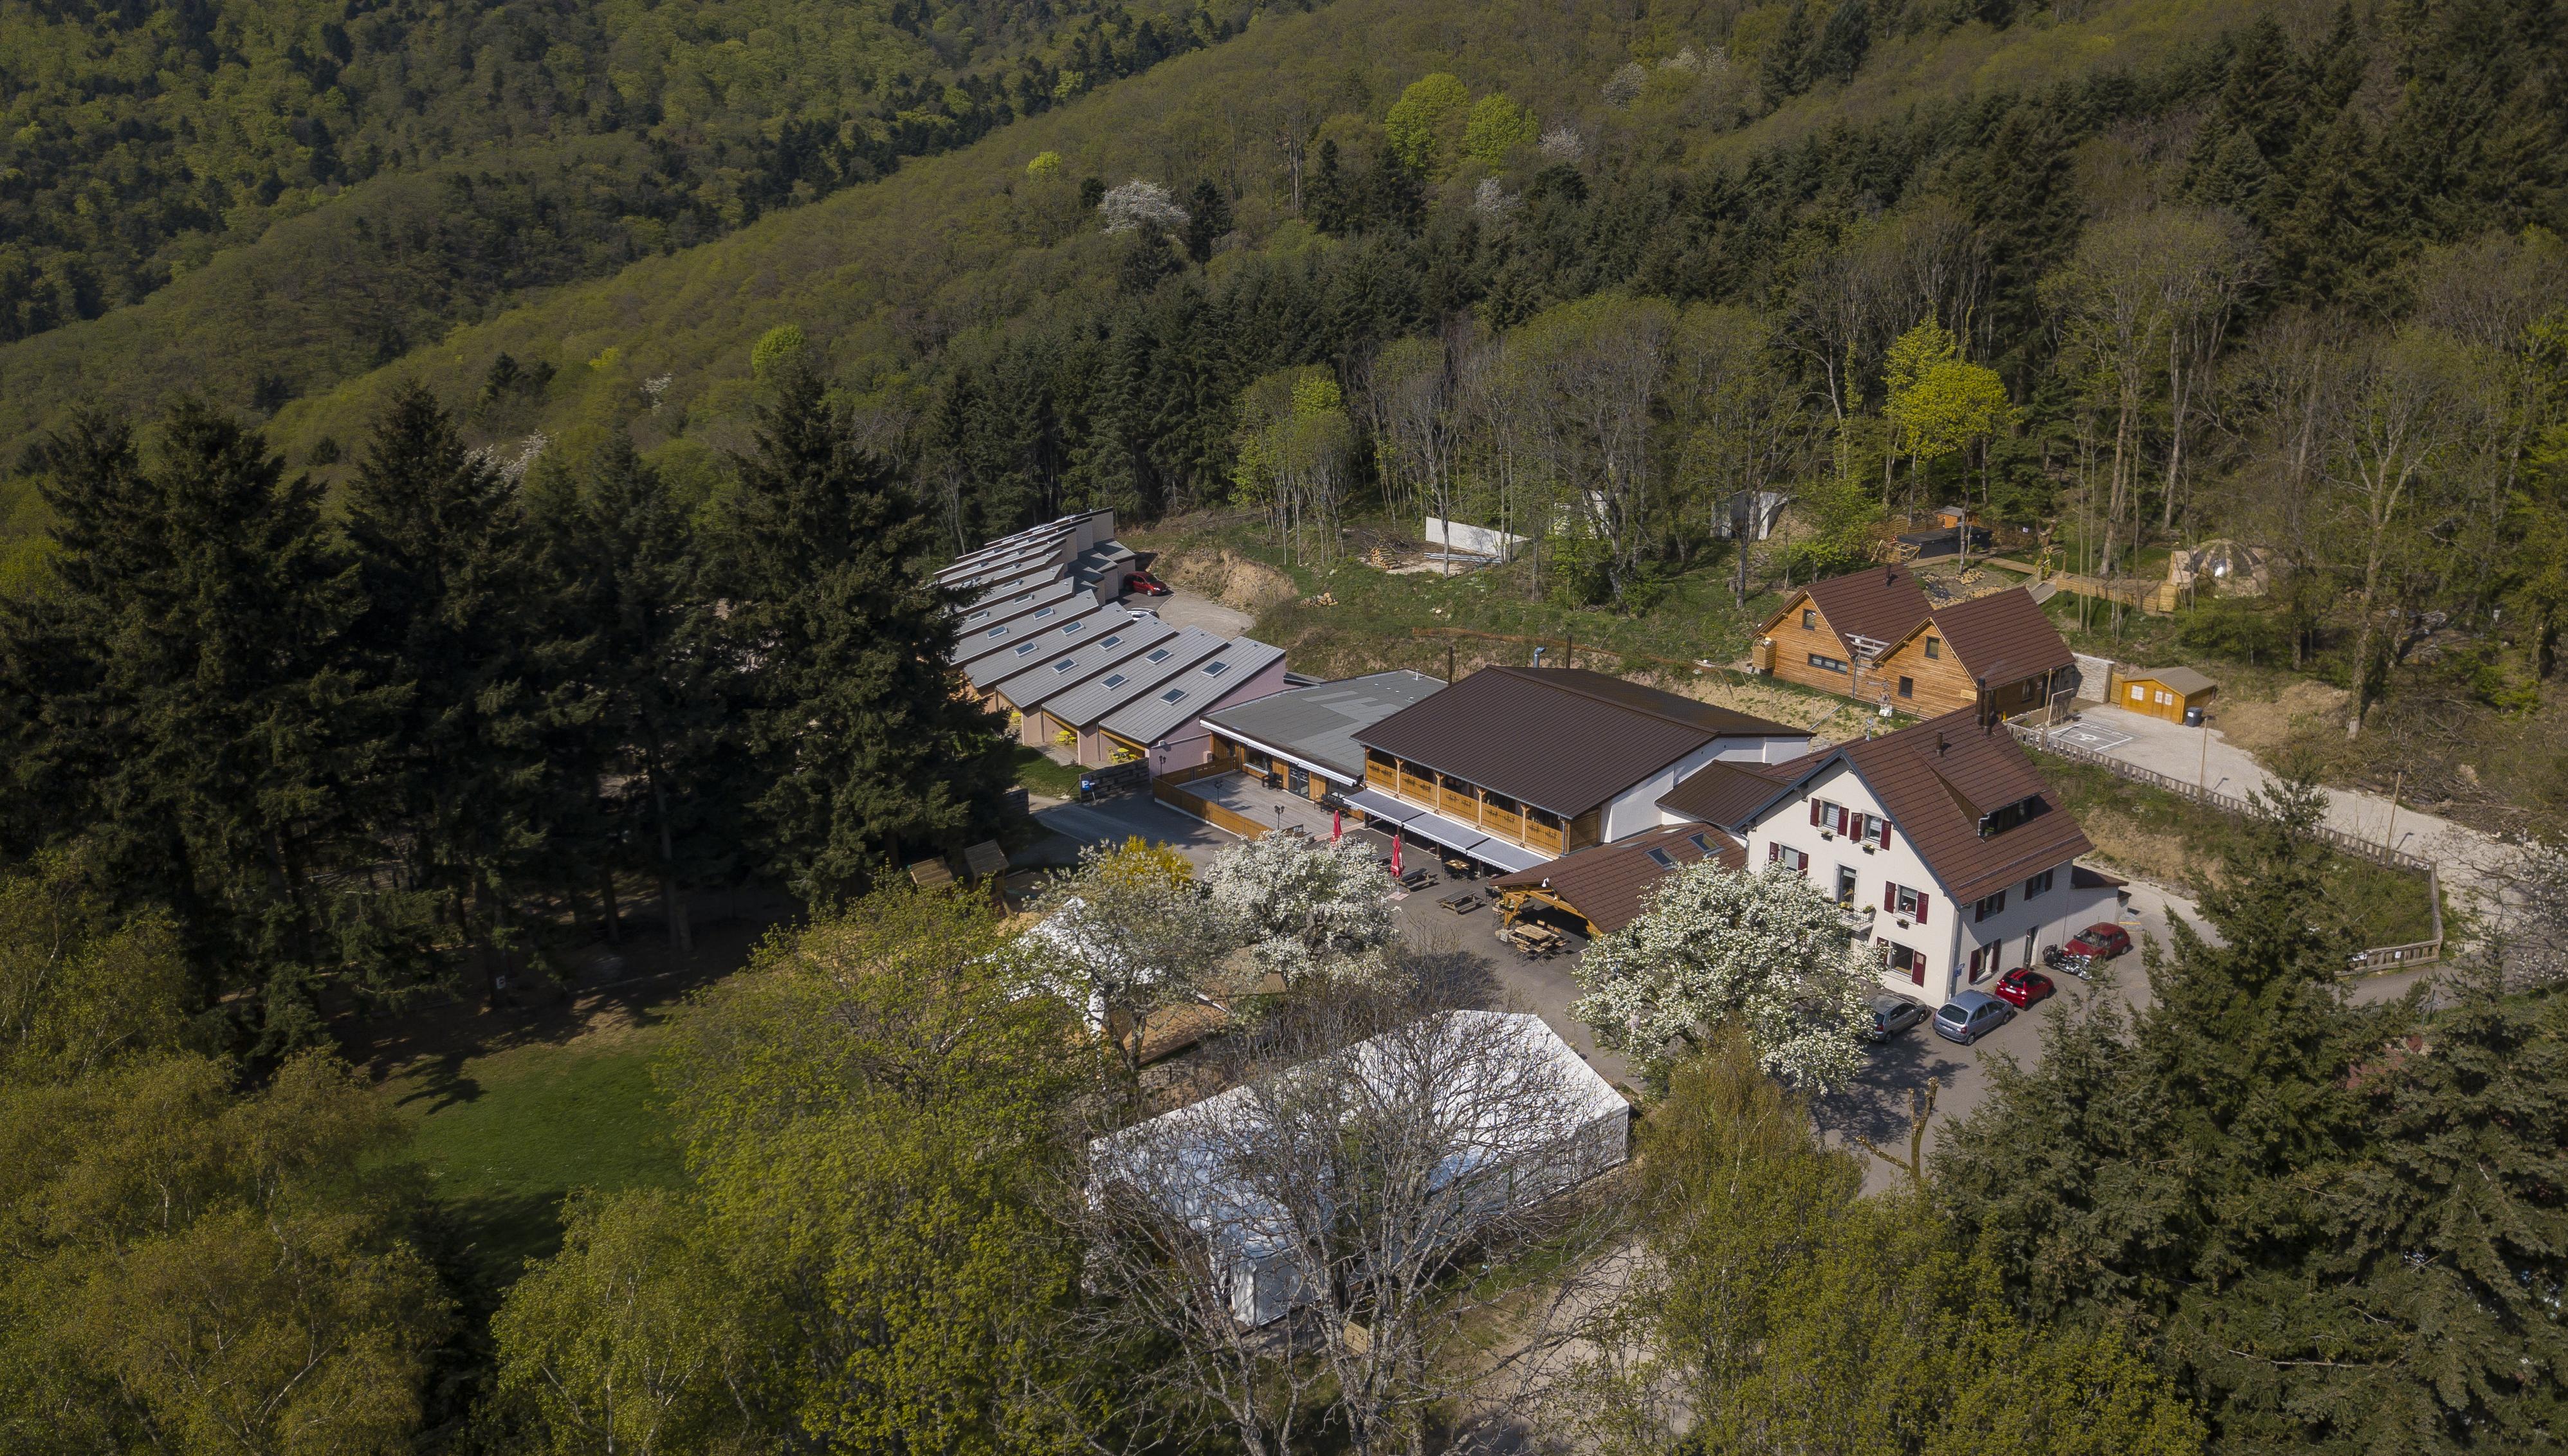 Domaine du Hirtz drone